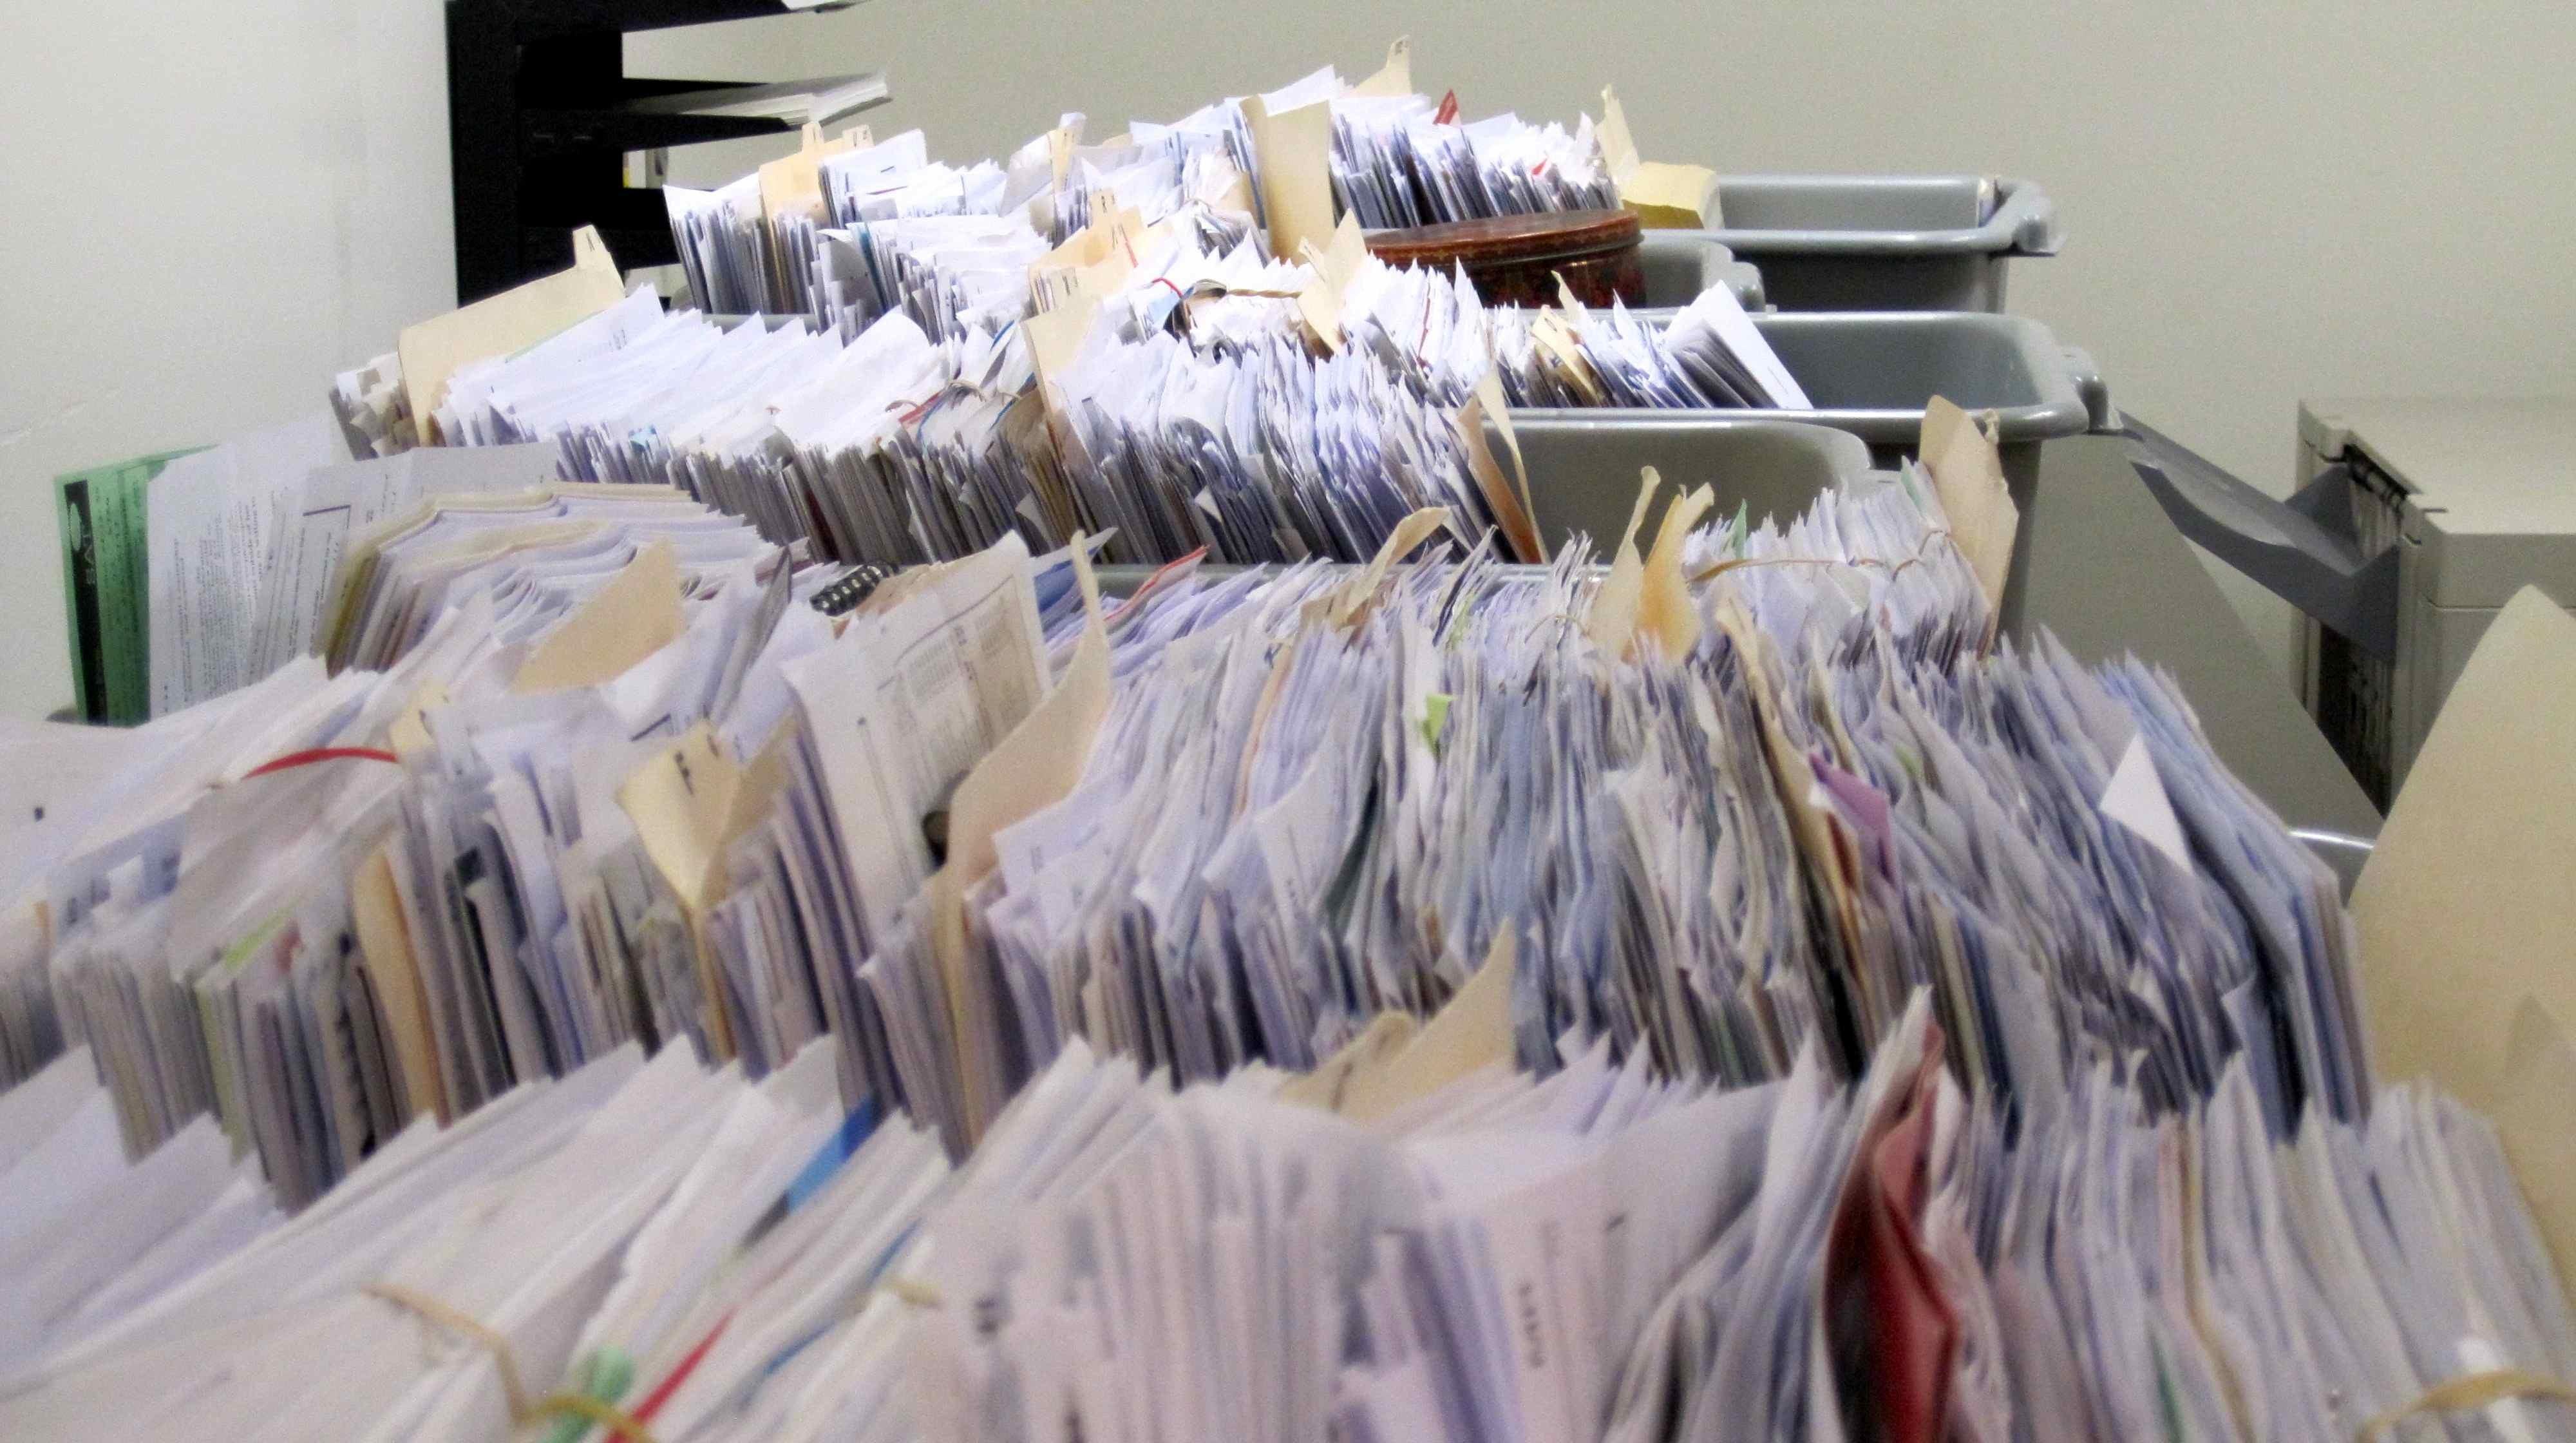 Judecătoriile au adus la bugetul de stat peste 10 milioane de lei din taxele pentru examinarea dosarelor civile, în trei luni